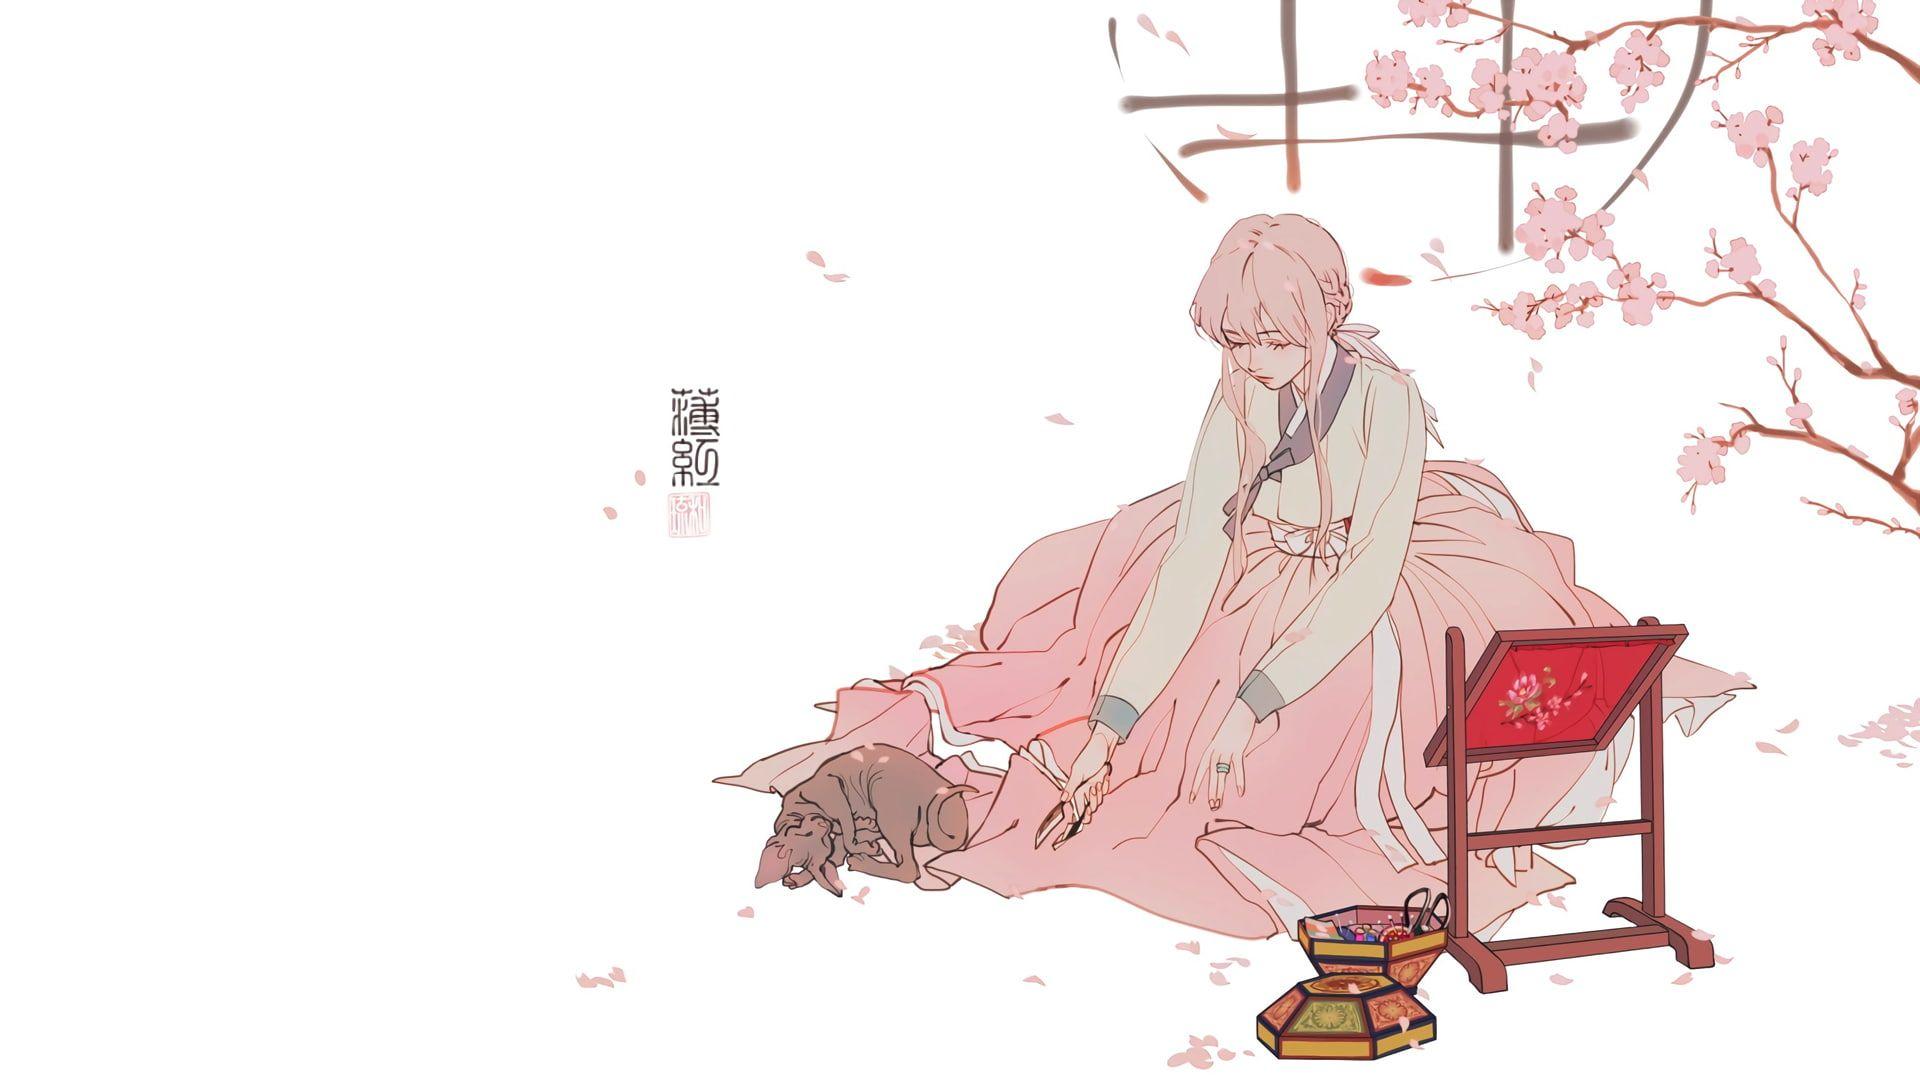 Anime Manga Anime Girls Simple Background Minimalism Pink Korean 1080p Wallpaper Hdwallpaper D Background Drawing Pink Wallpaper Pc Wallpaper Pc Anime